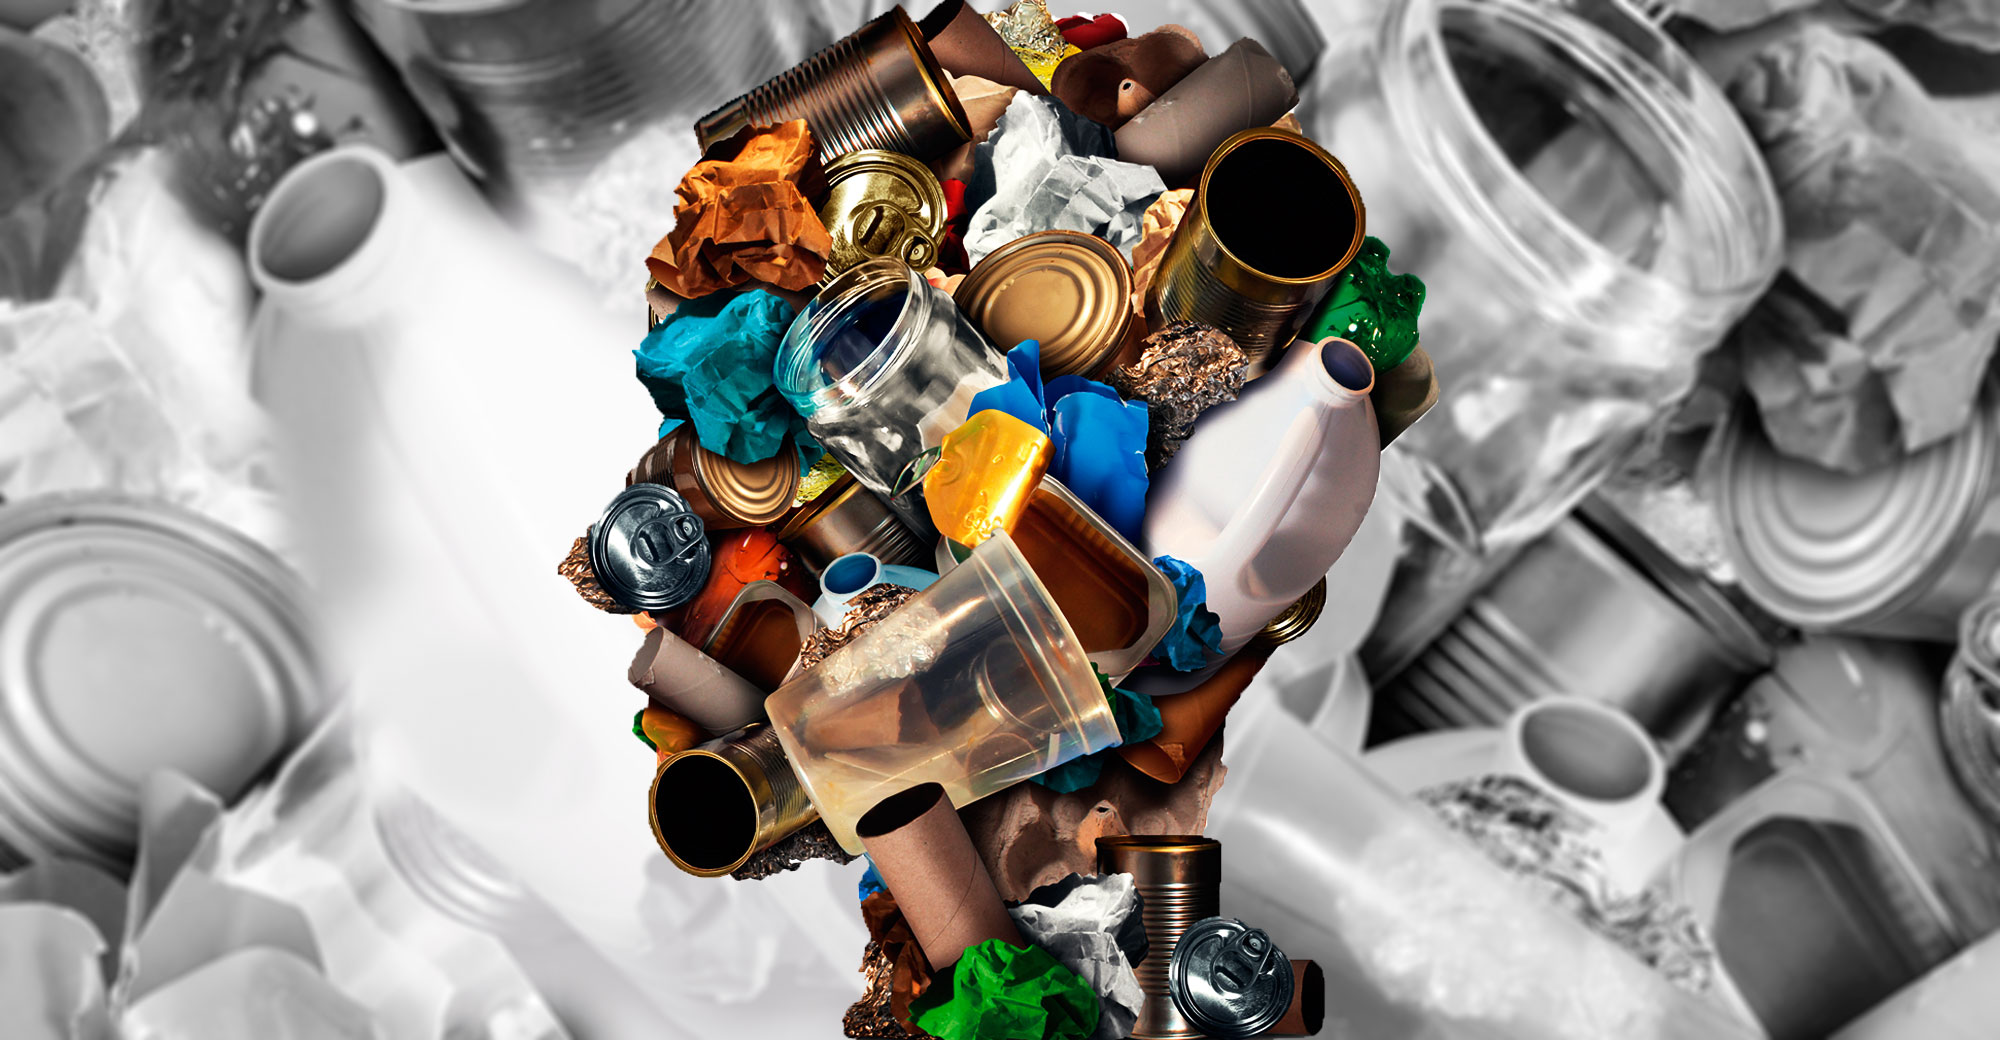 Foto - Para encerrar a Semana do Meio Ambiente: Coleta Seletiva em casa e na empresa